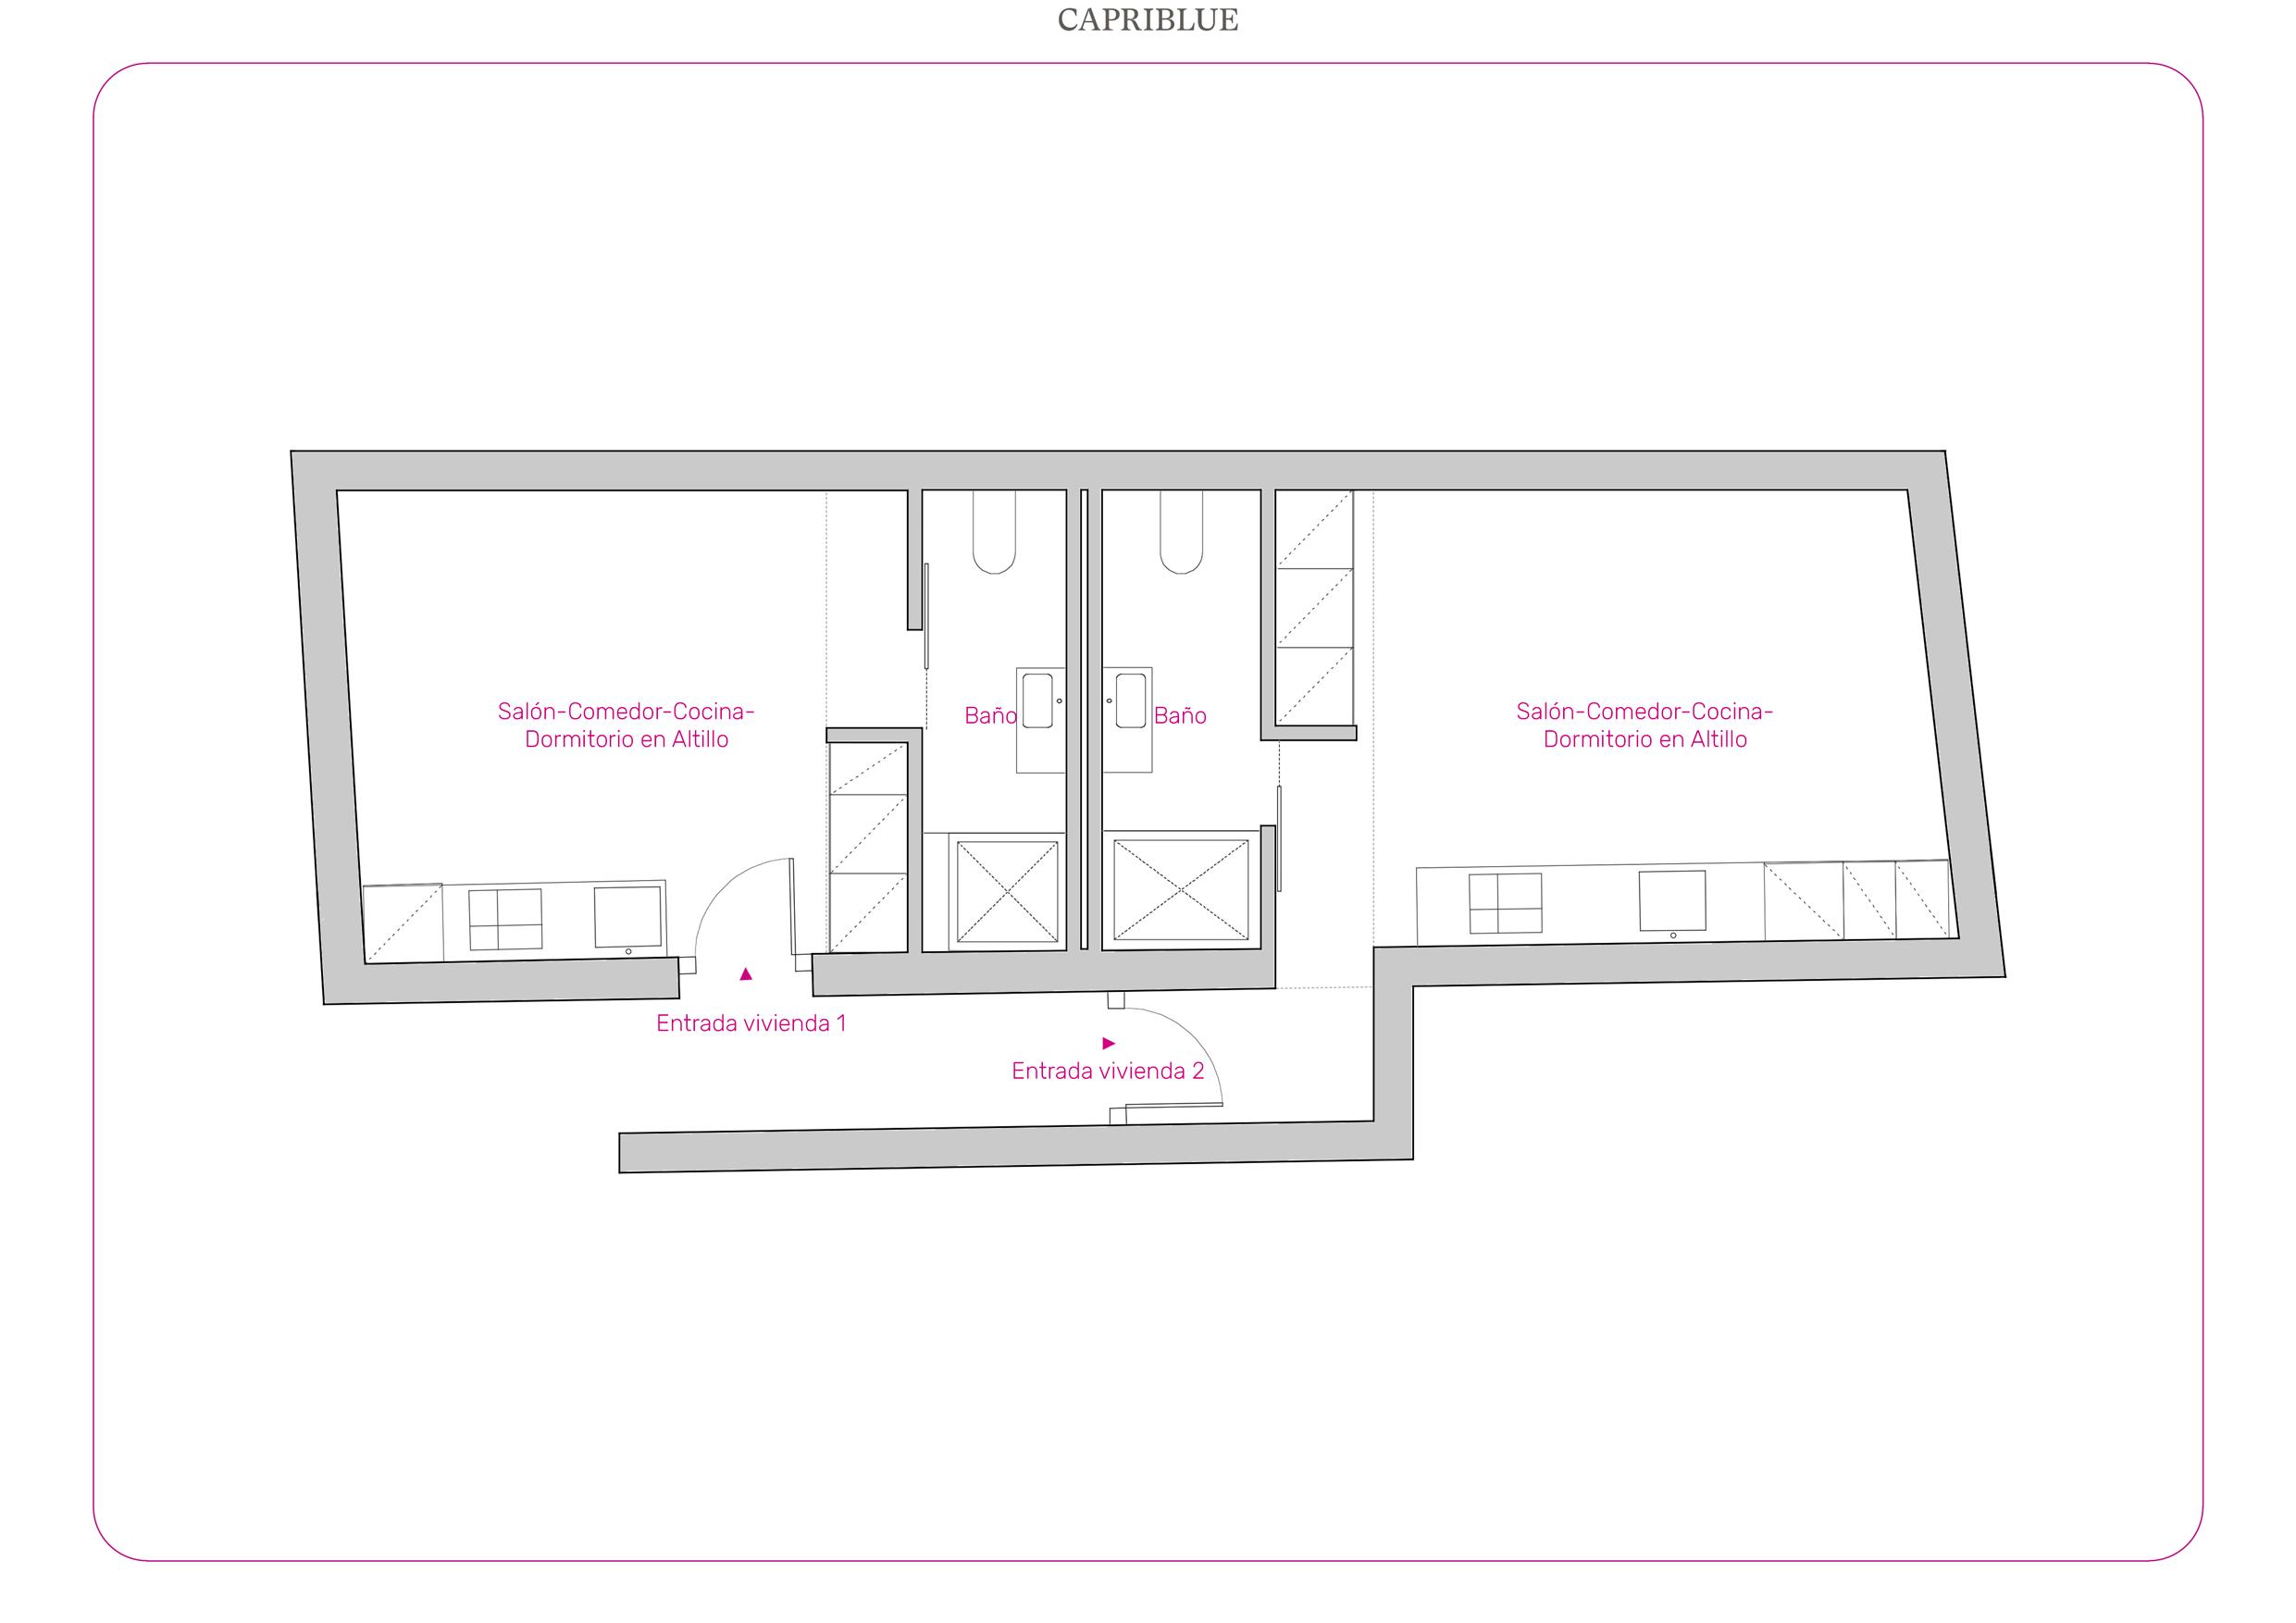 Plano de distribución de un apartamento en el Madrid.